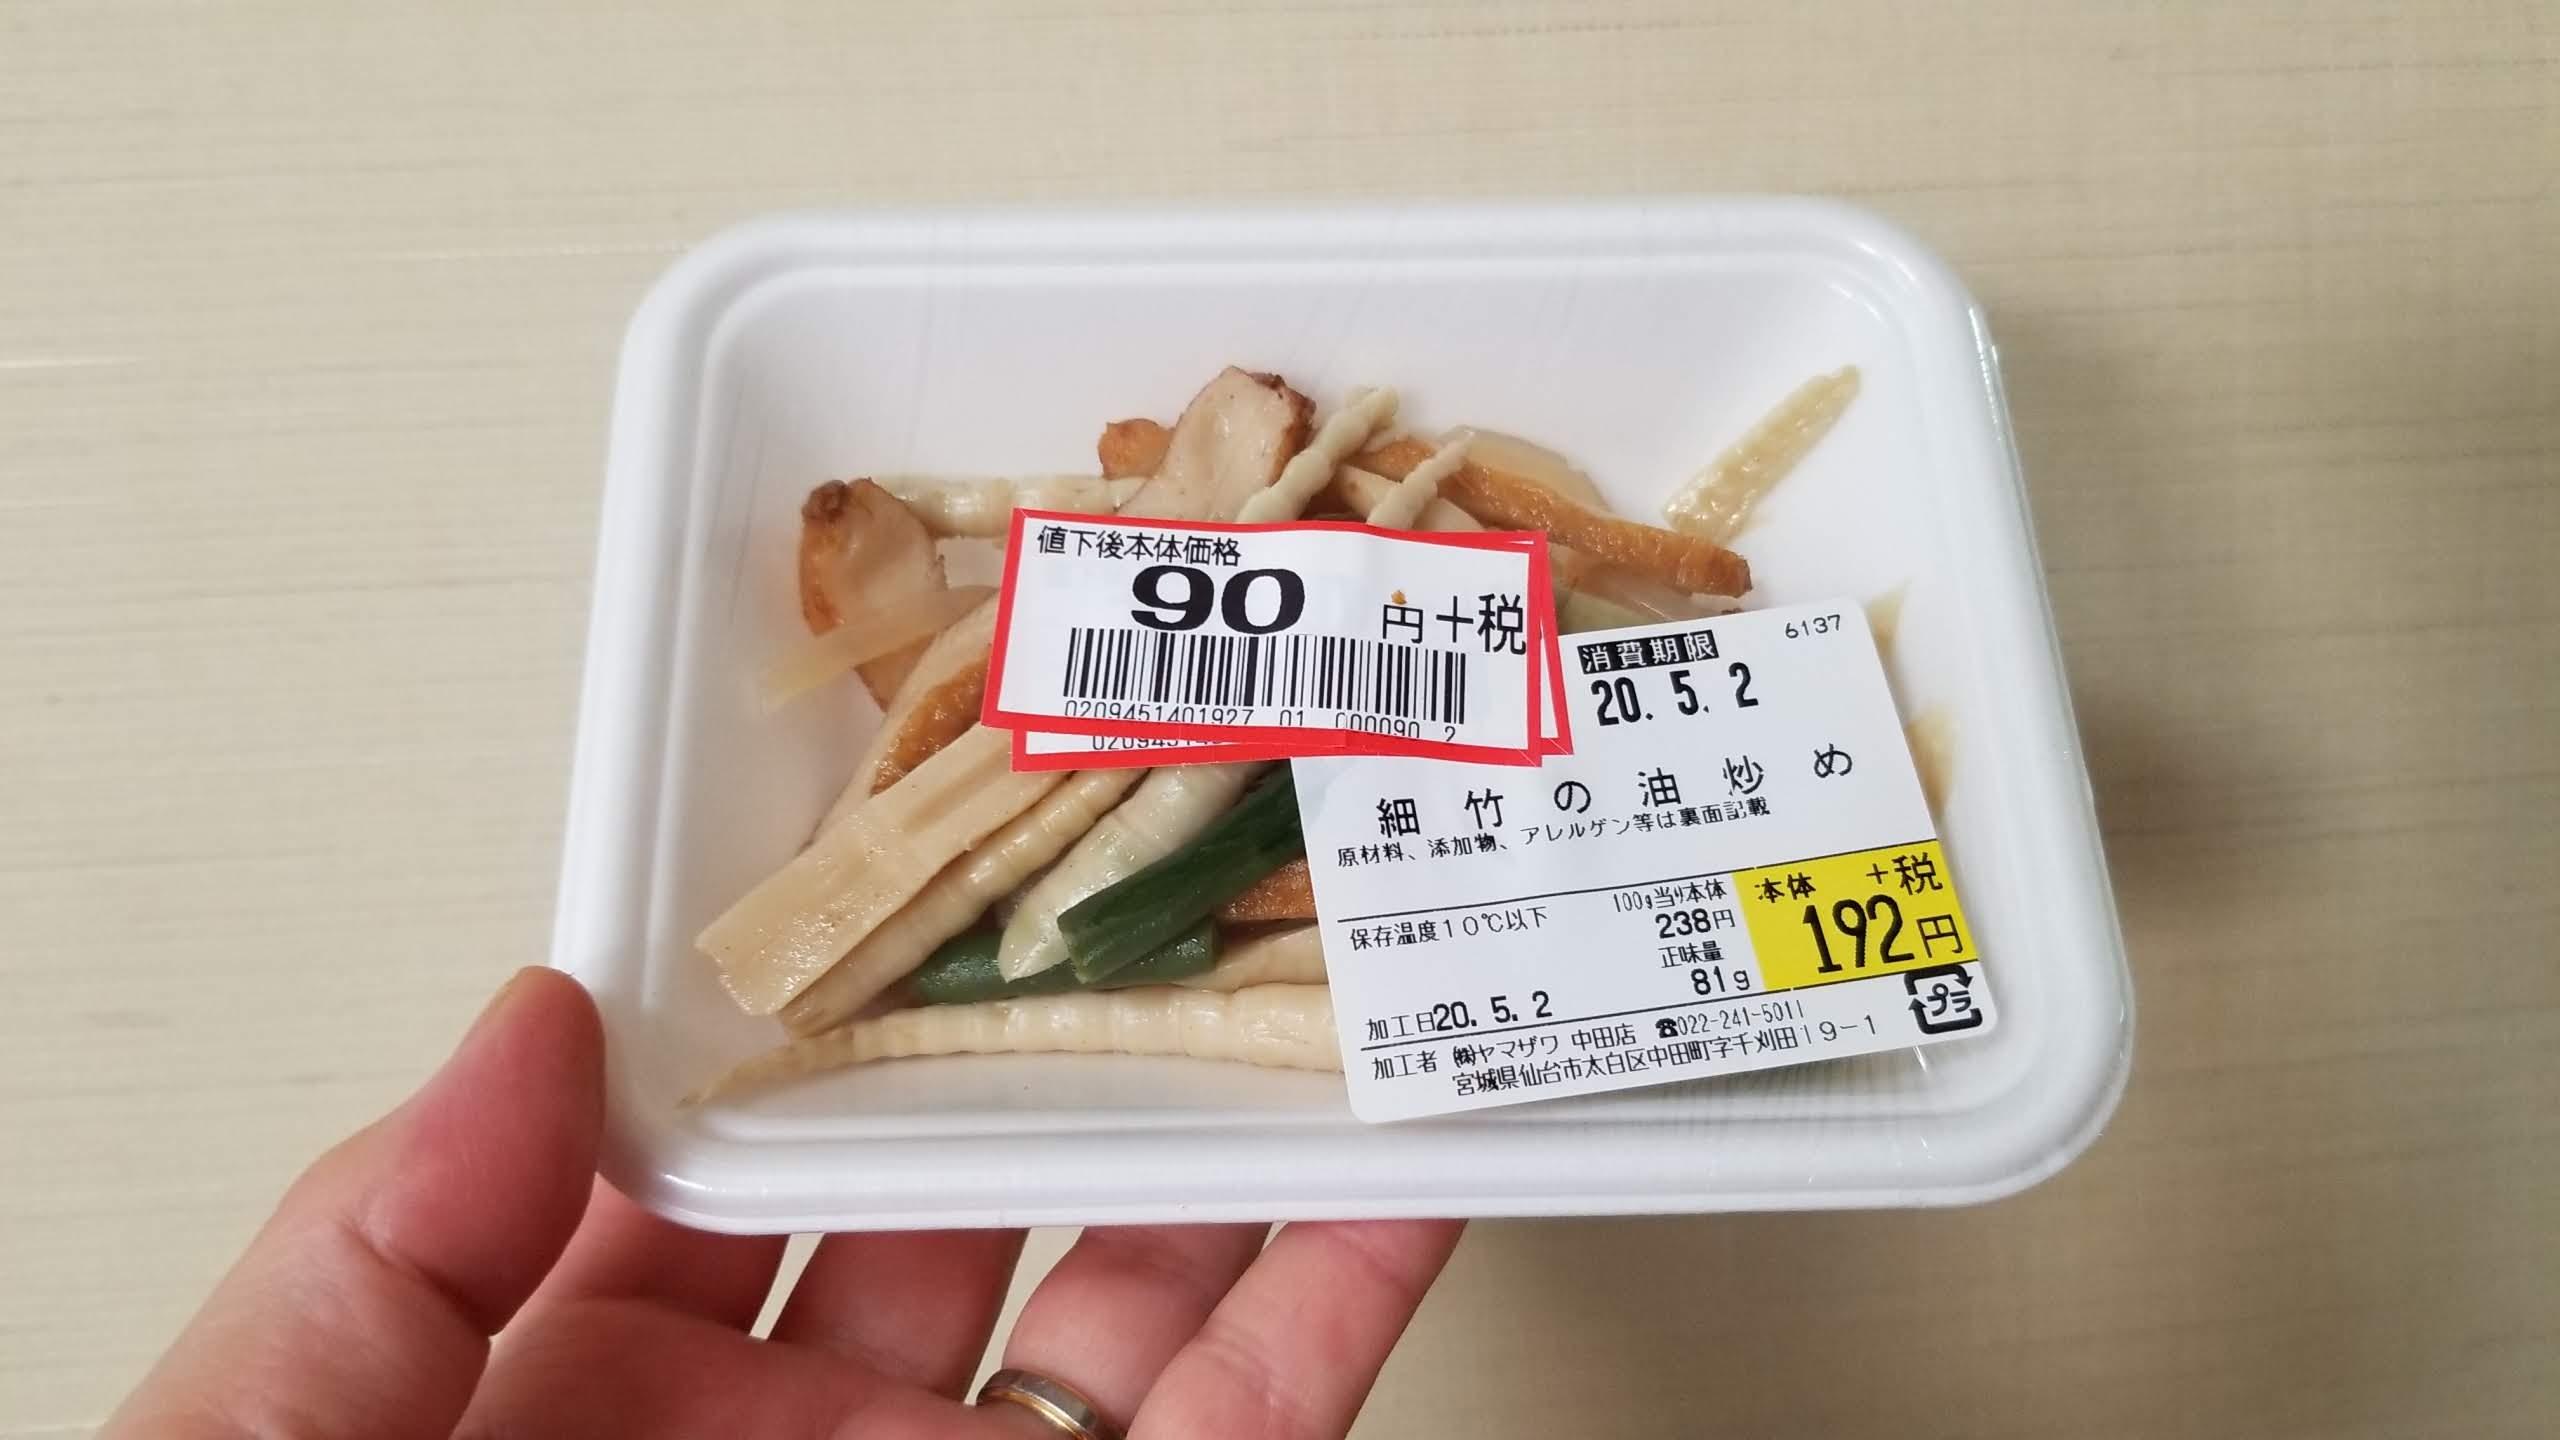 スーパーのお惣菜「細竹の油炒め」/ヤマザワ_20200503_133251